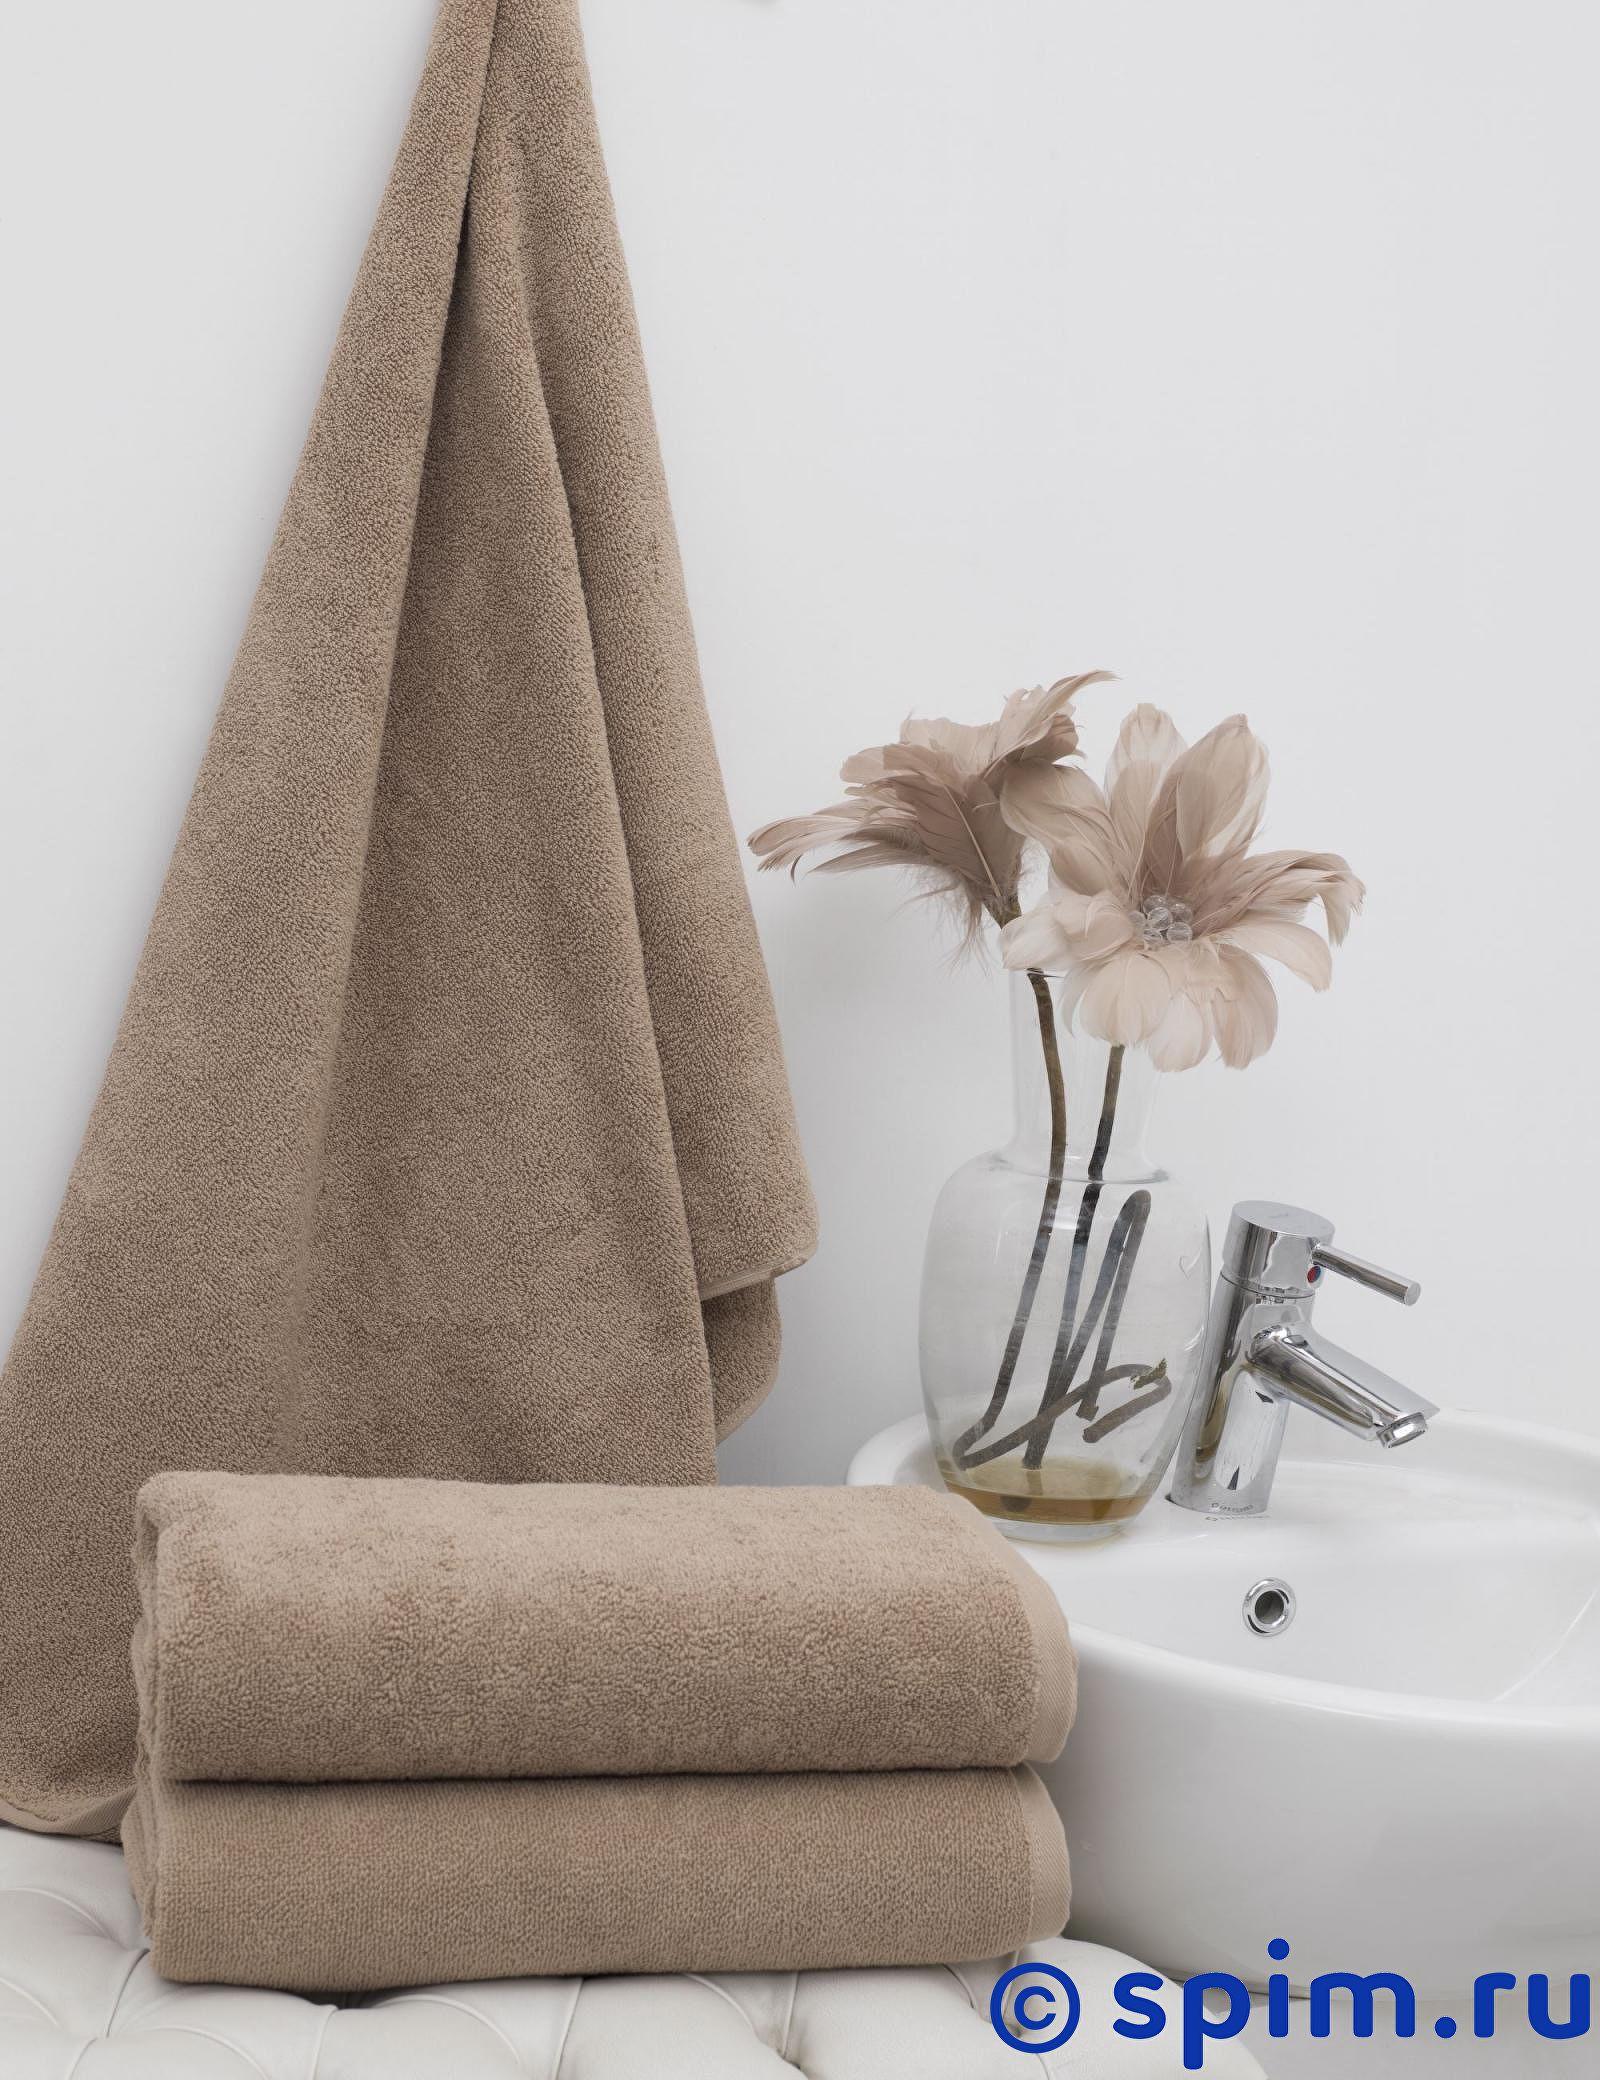 Набор из 12-ти полотенец Philippus Vizyon для гостиницы 50х90 см 50х90 см полотенца philippus полотенце vizyon цвет шоколадный 50х90 см 12 шт